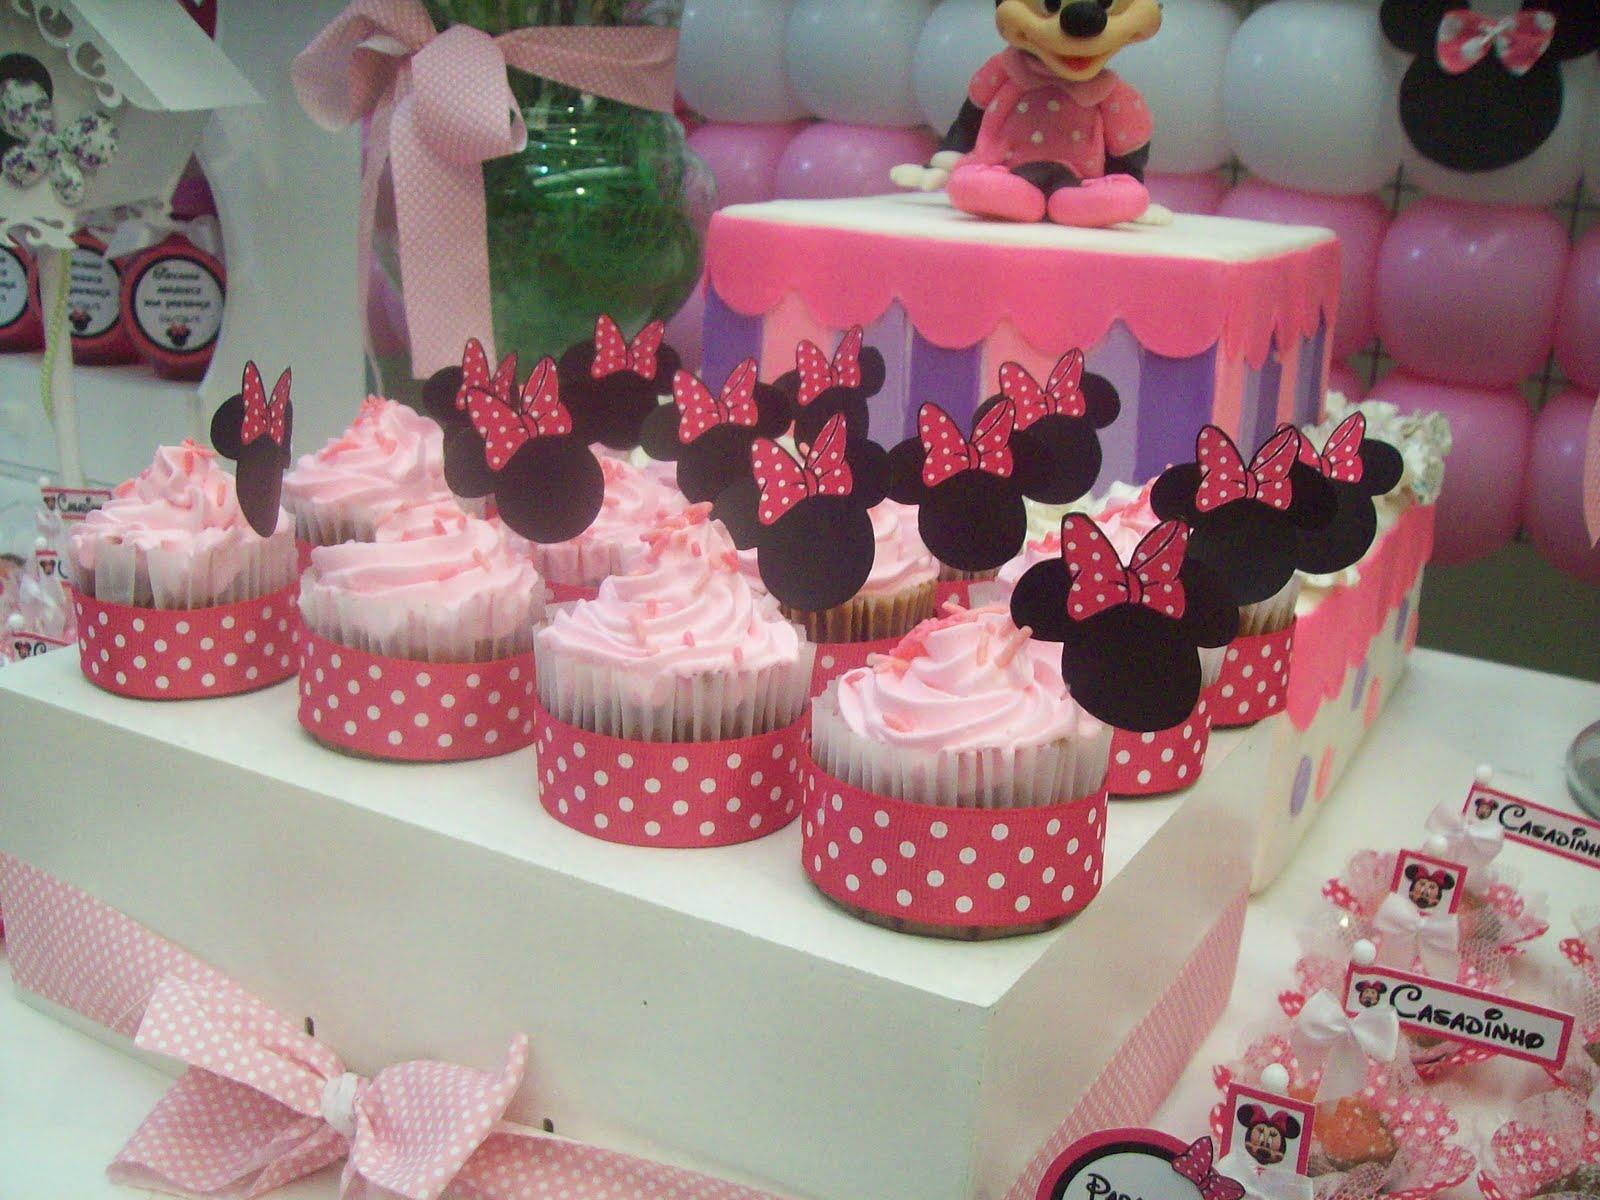 Cupcake De Doce De Leite Decorado   A Mesa Fita De Cetim Das